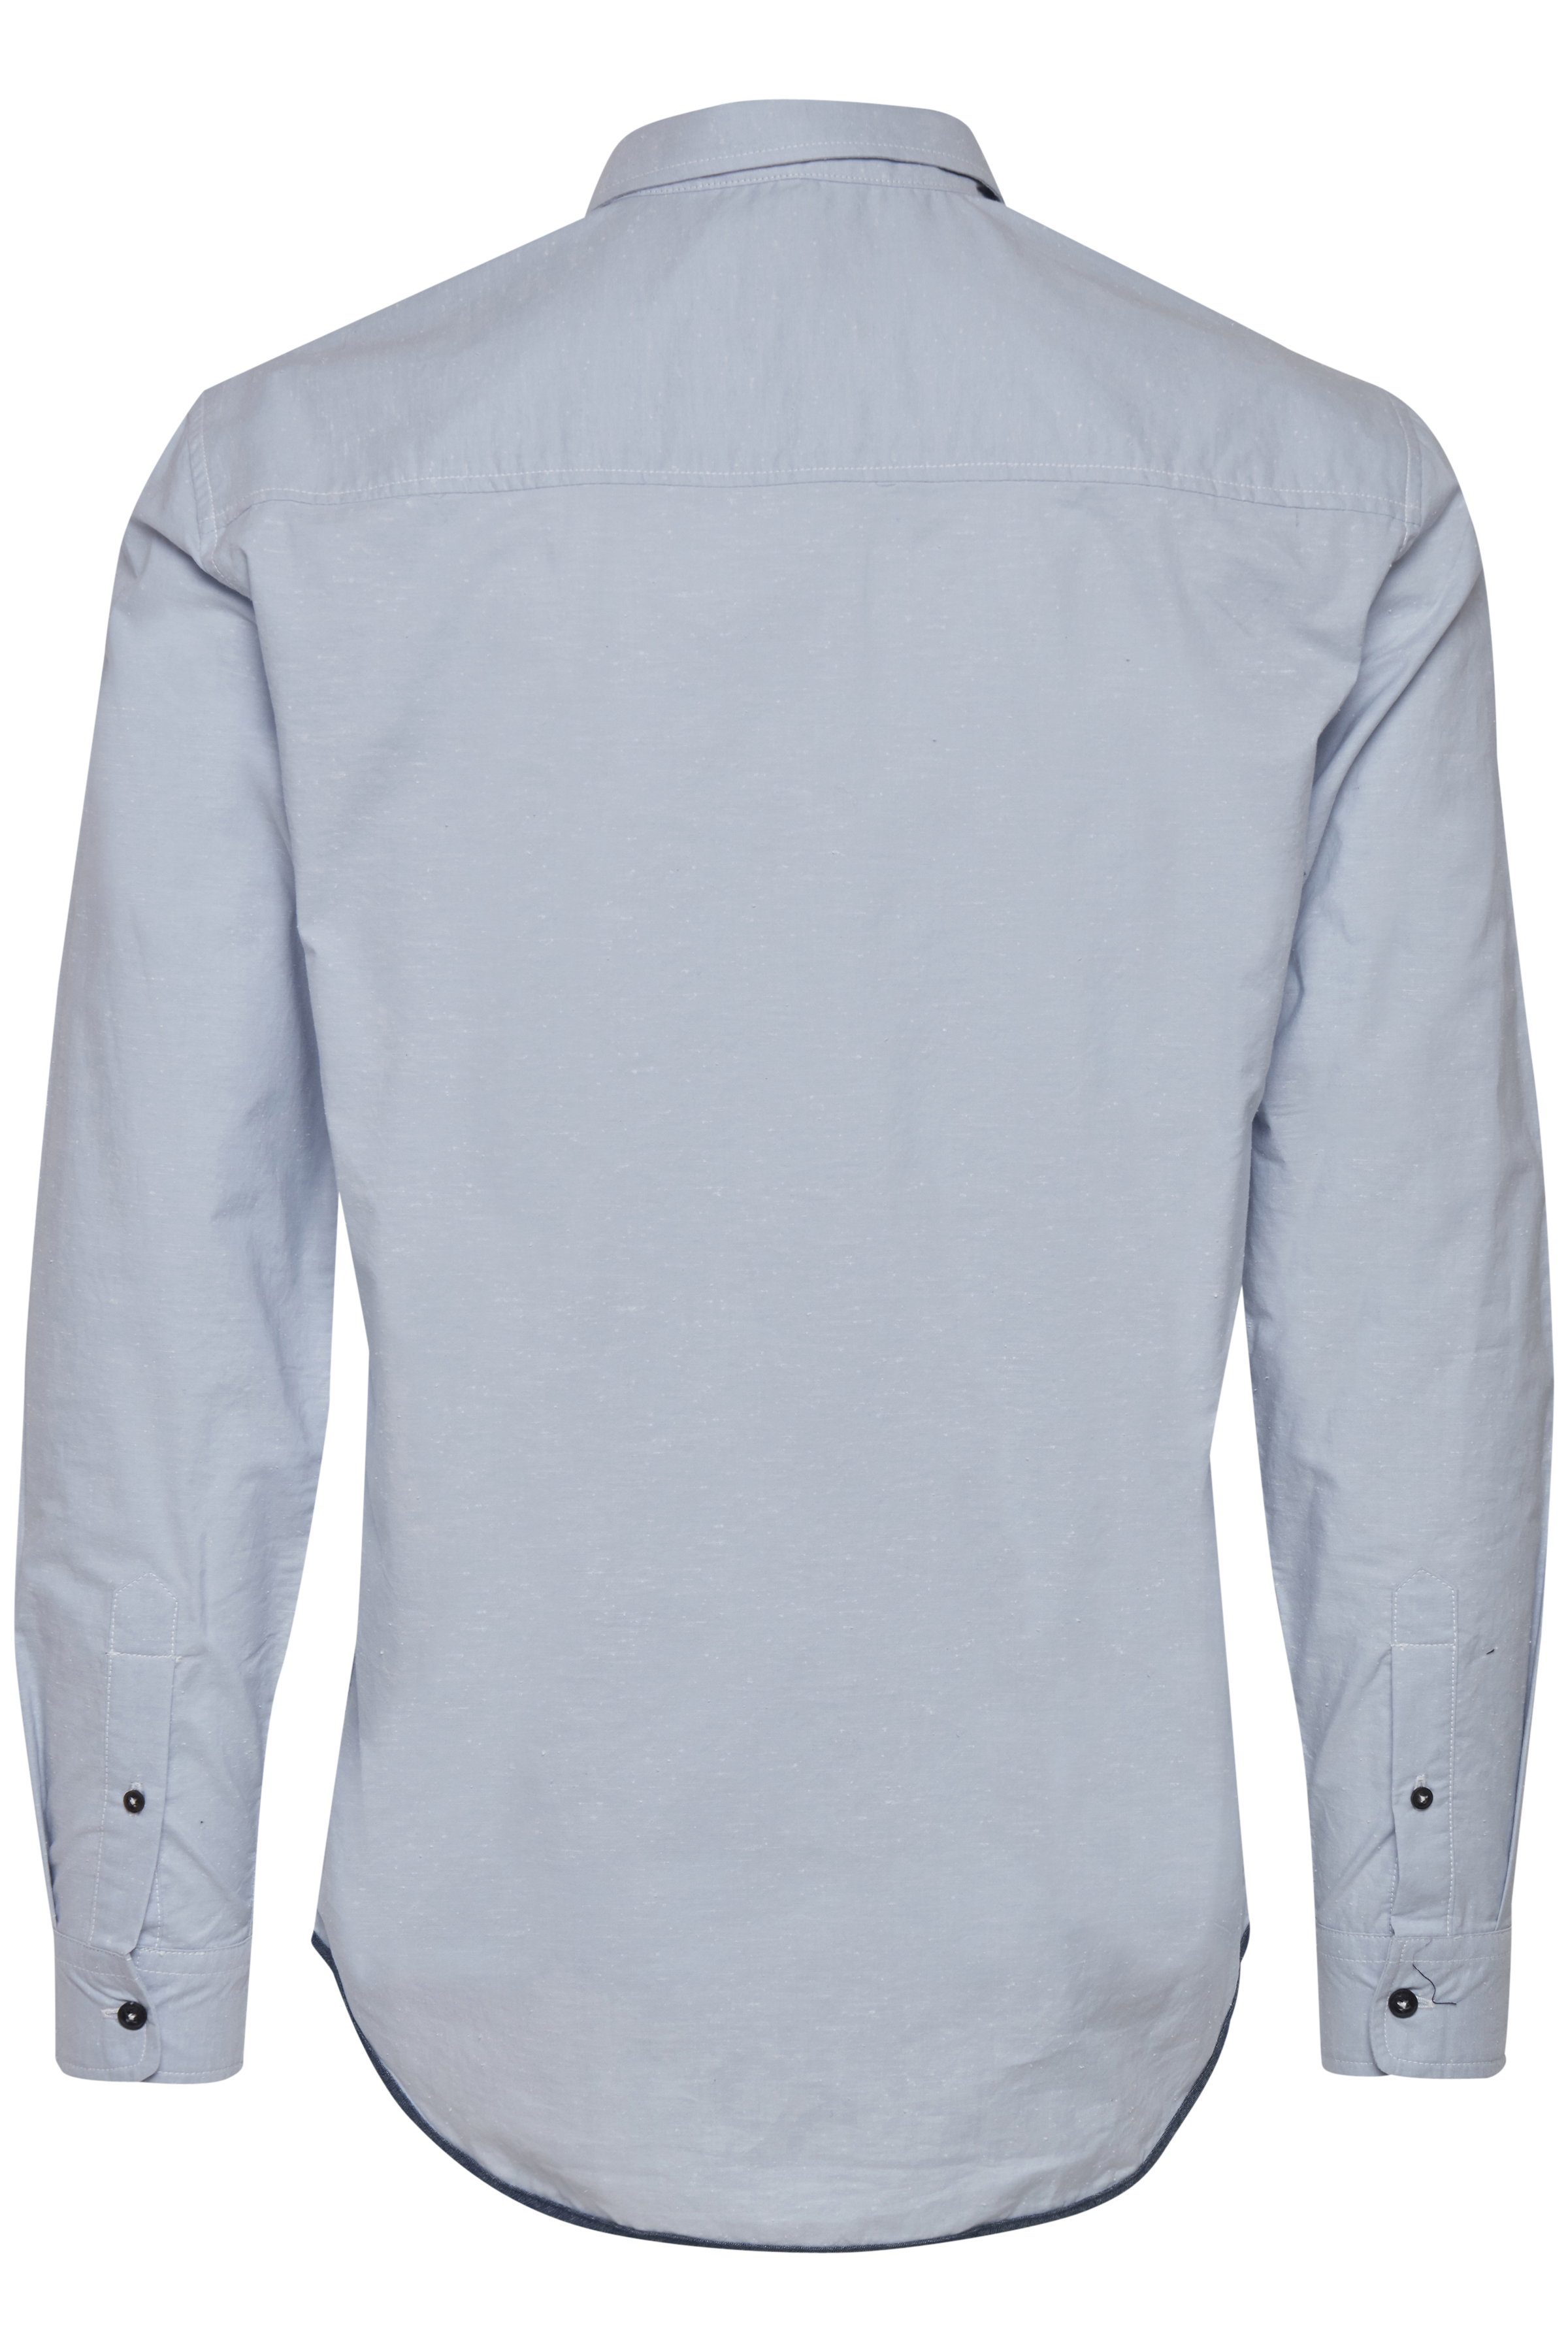 Soft Blue Langærmet skjorte – Køb Soft Blue Langærmet skjorte fra str. S-3XL her